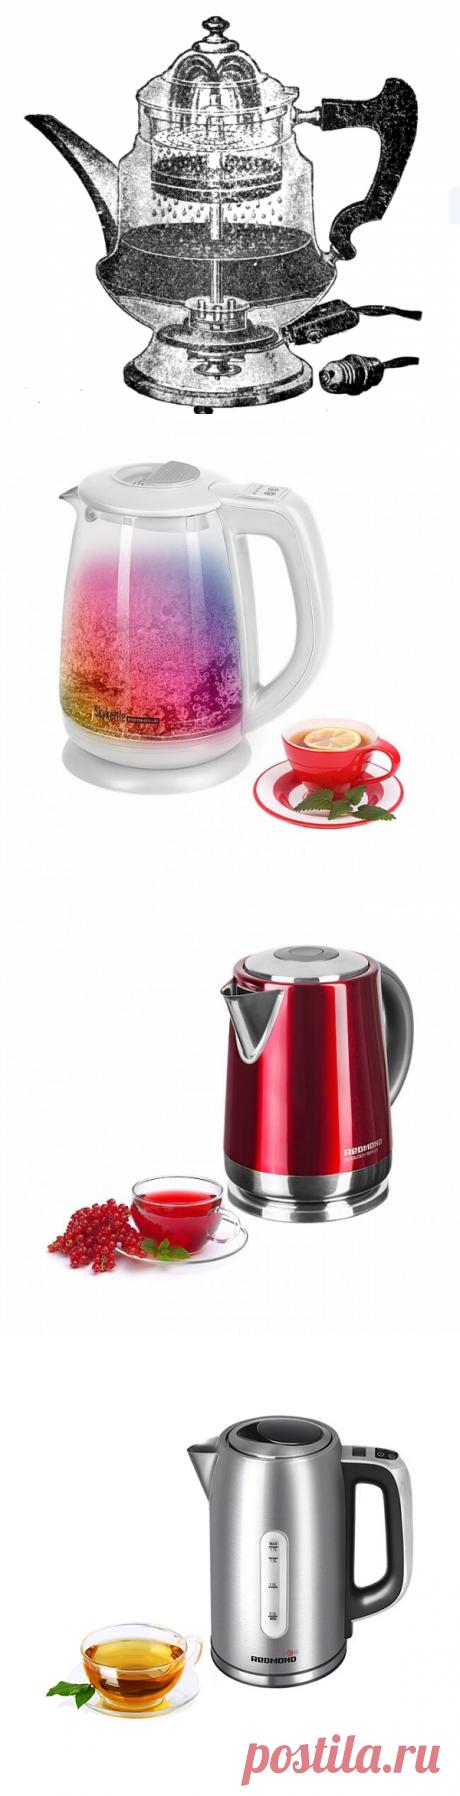 Какой из чайников электрических лучше?